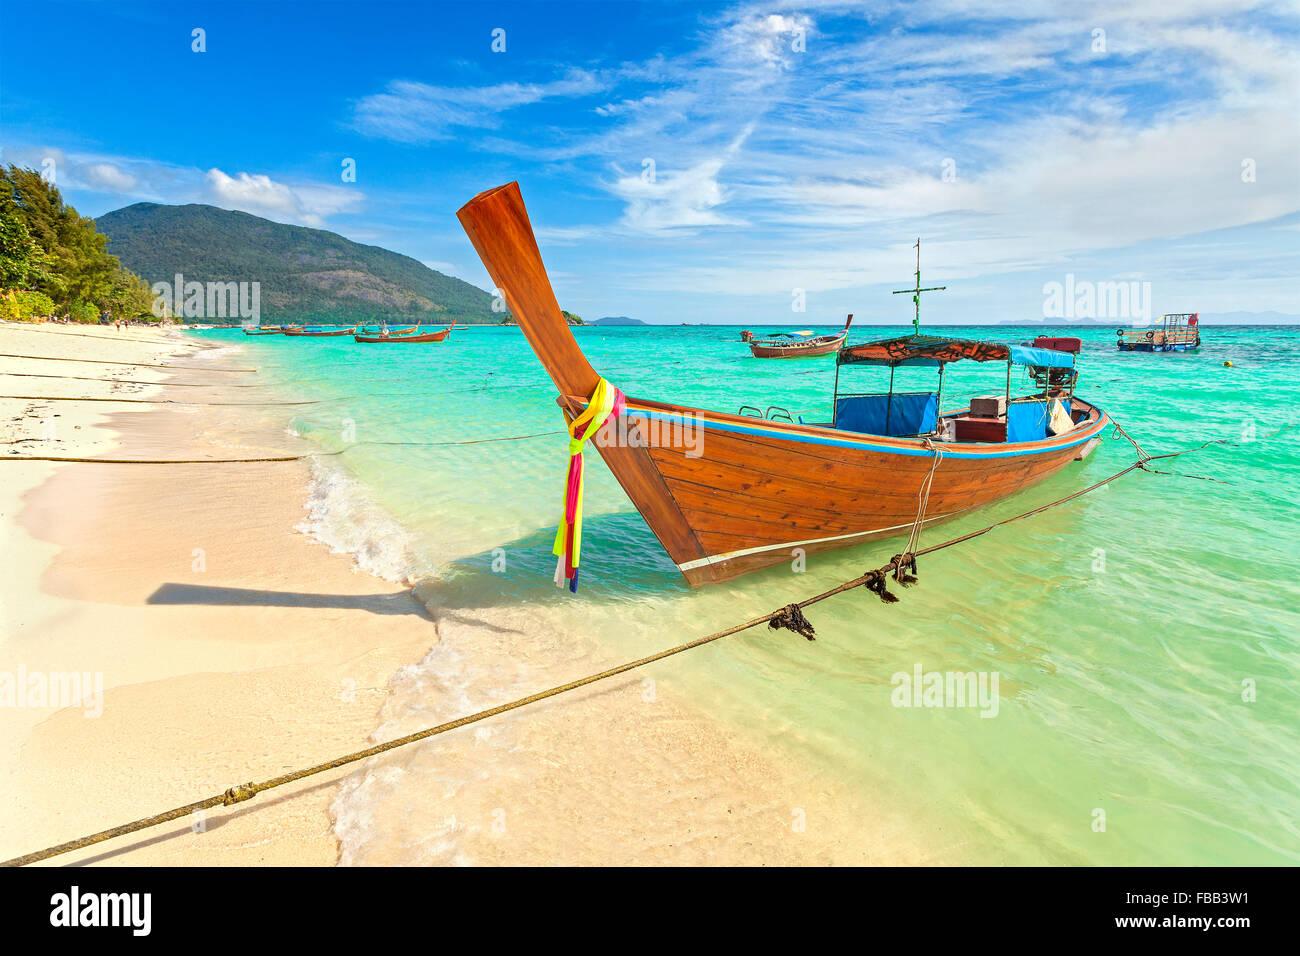 Bateau à longue queue une belle plage, la Thaïlande. Banque D'Images